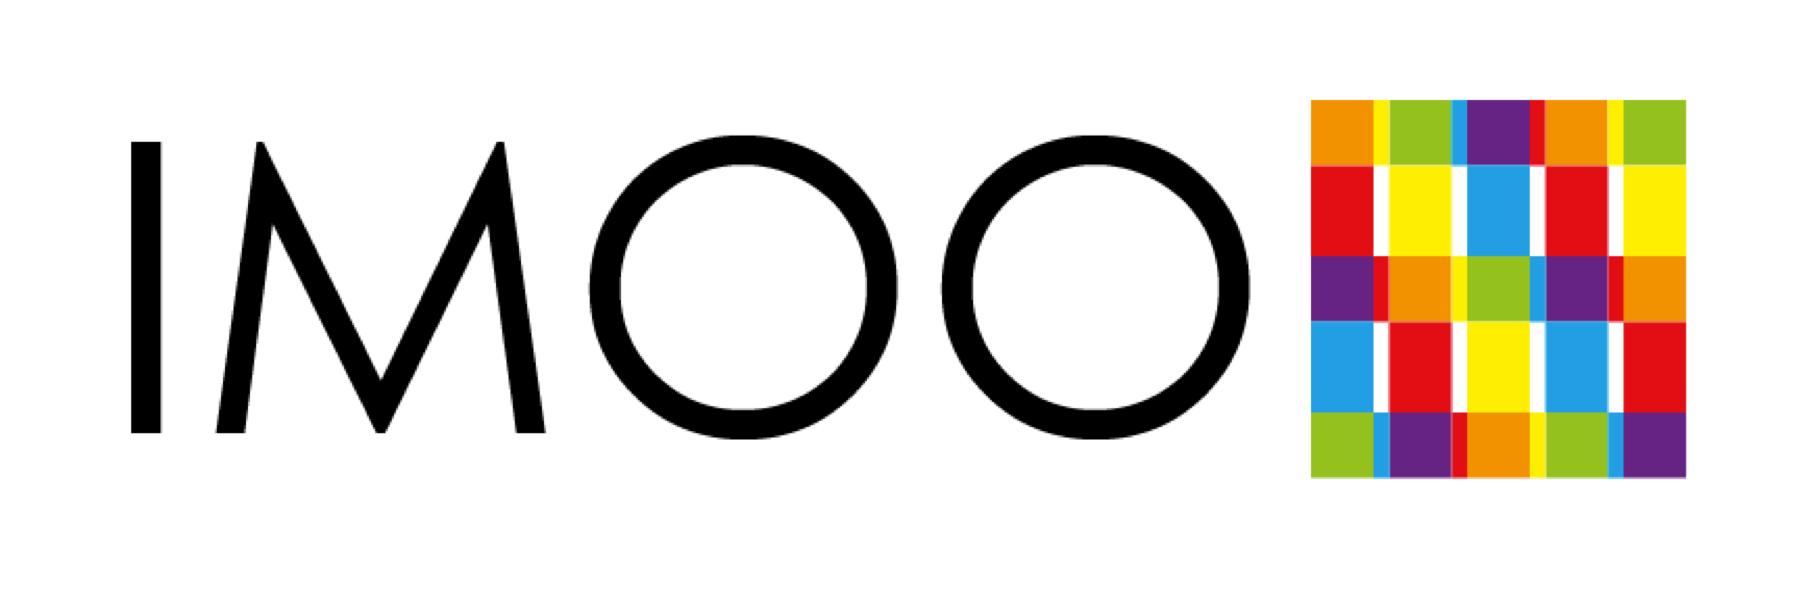 IMOO staat voor 'In Memory Of Oma'. Een heel persoonlijke betekenis die alleen voor de betreffende ondernemer relevant was. De Oma heette Ellen. Het logo bestaat uit gekleurde L-en (oftewel: Ellen). Voor de ondernemer veelbetekenend, voor de klant een mooi grafisch geheel.